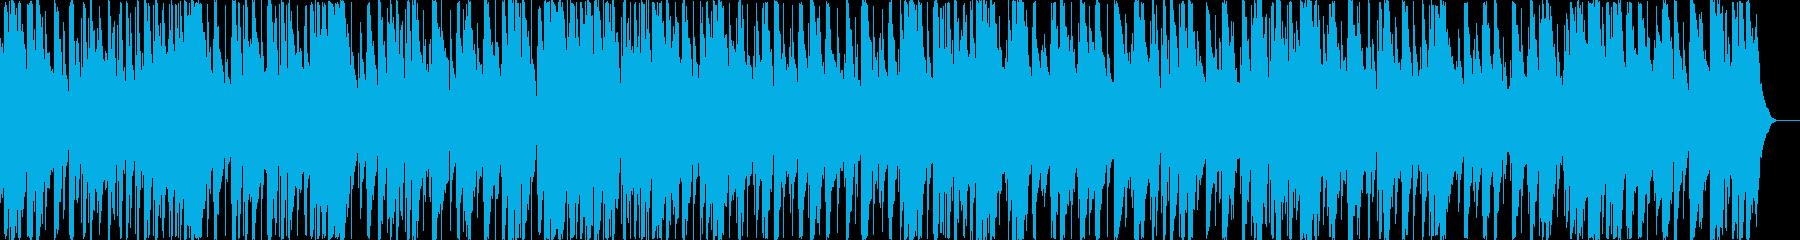 ボサノバ 静か お洒落 ハイテク ...の再生済みの波形